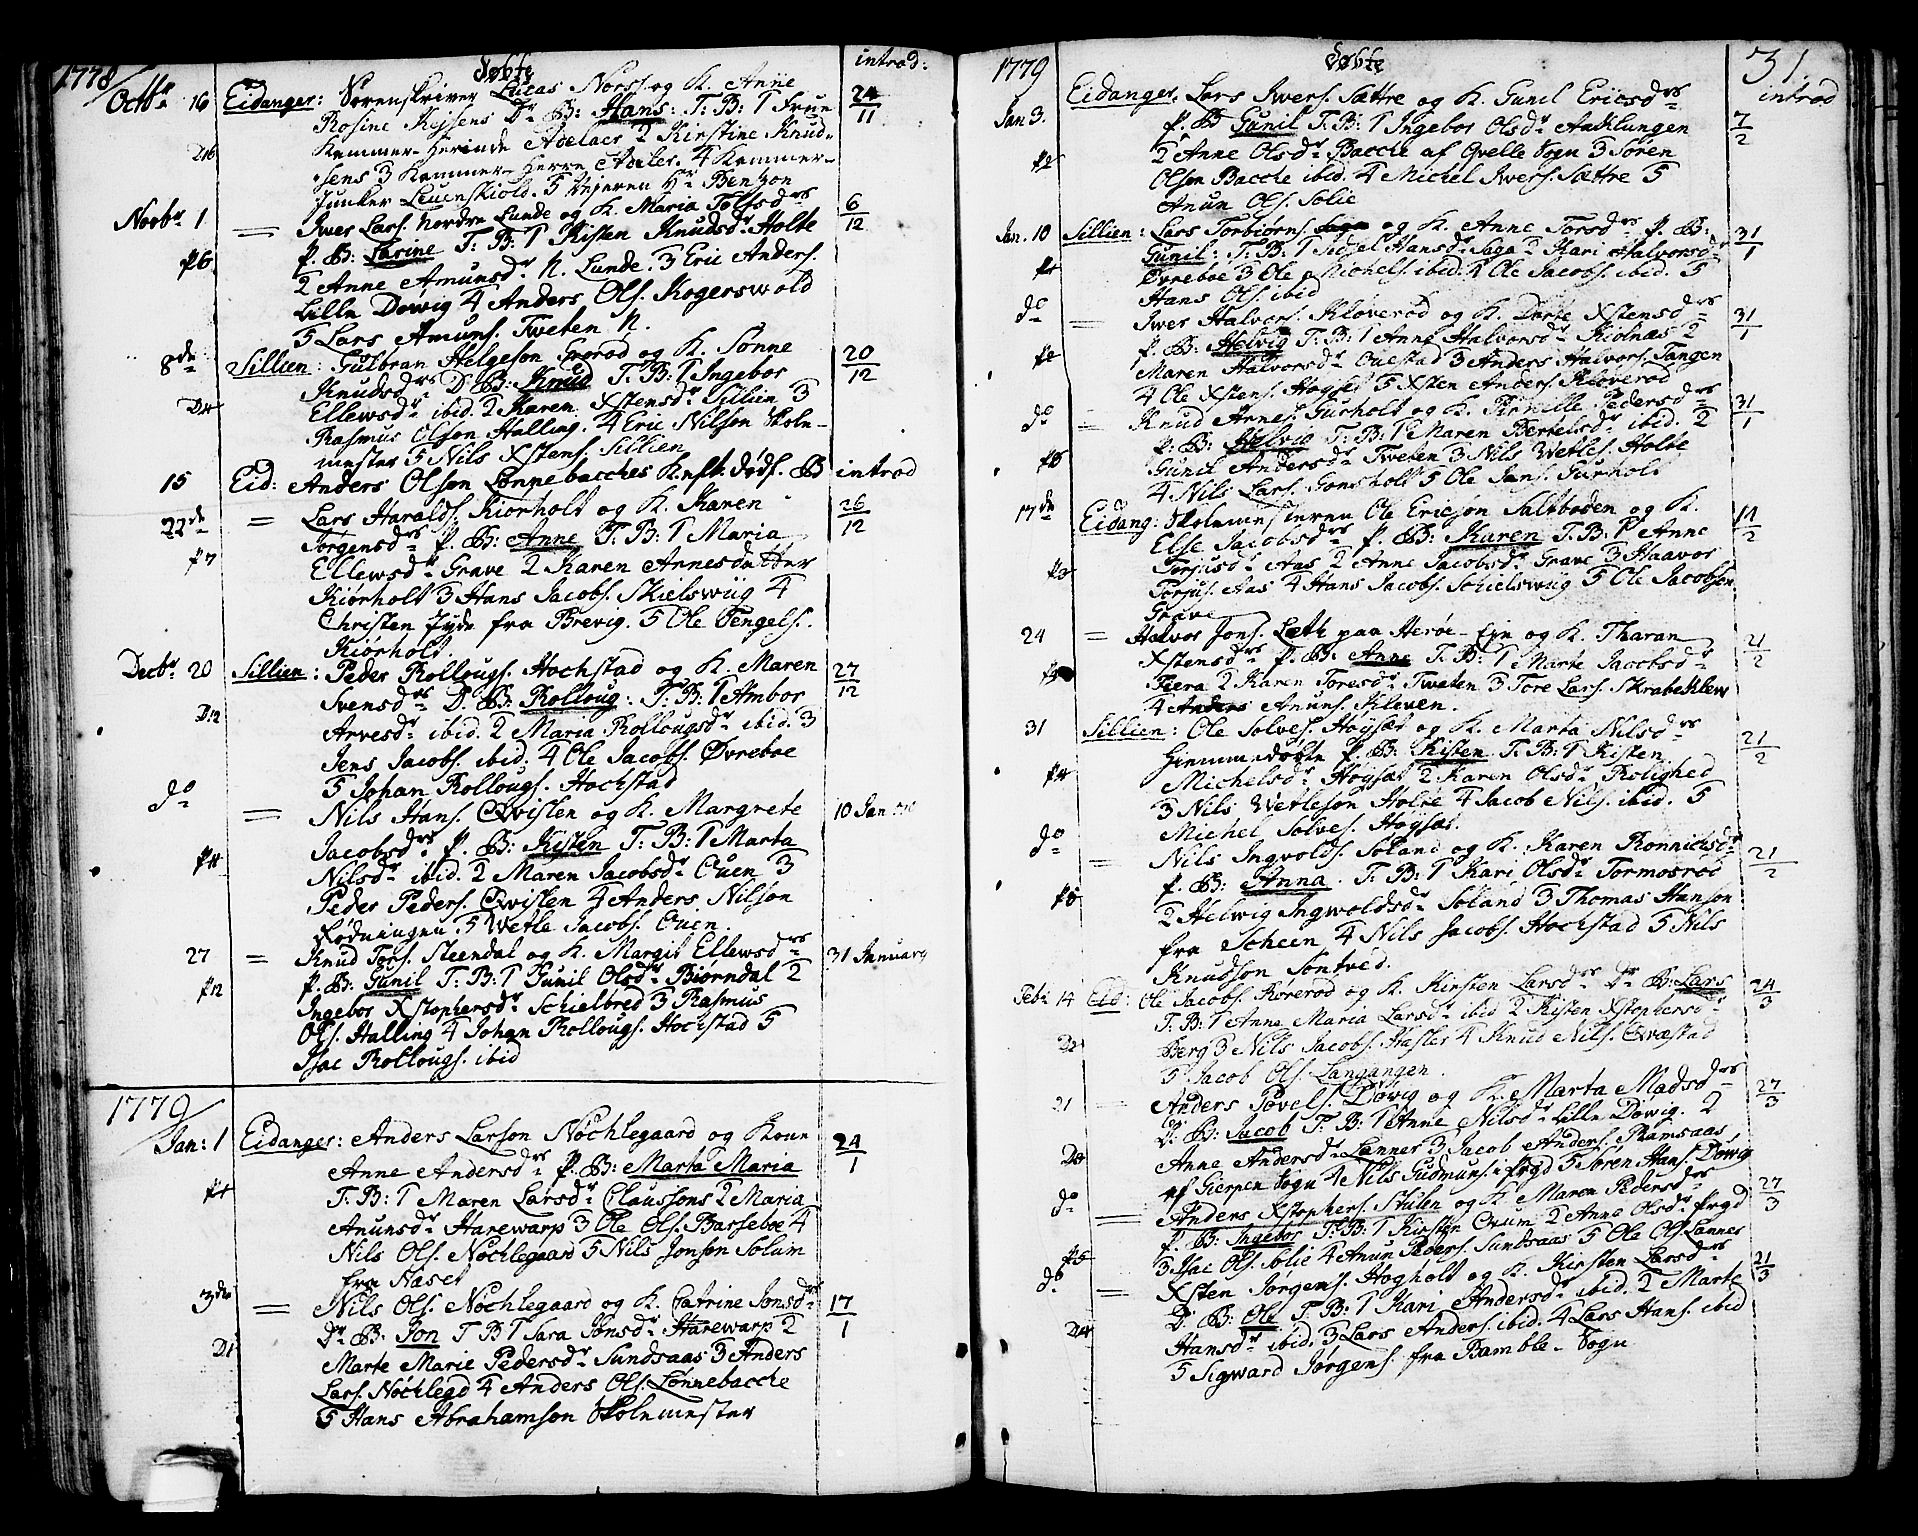 SAKO, Eidanger kirkebøker, F/Fa/L0006: Ministerialbok nr. 6, 1764-1814, s. 31